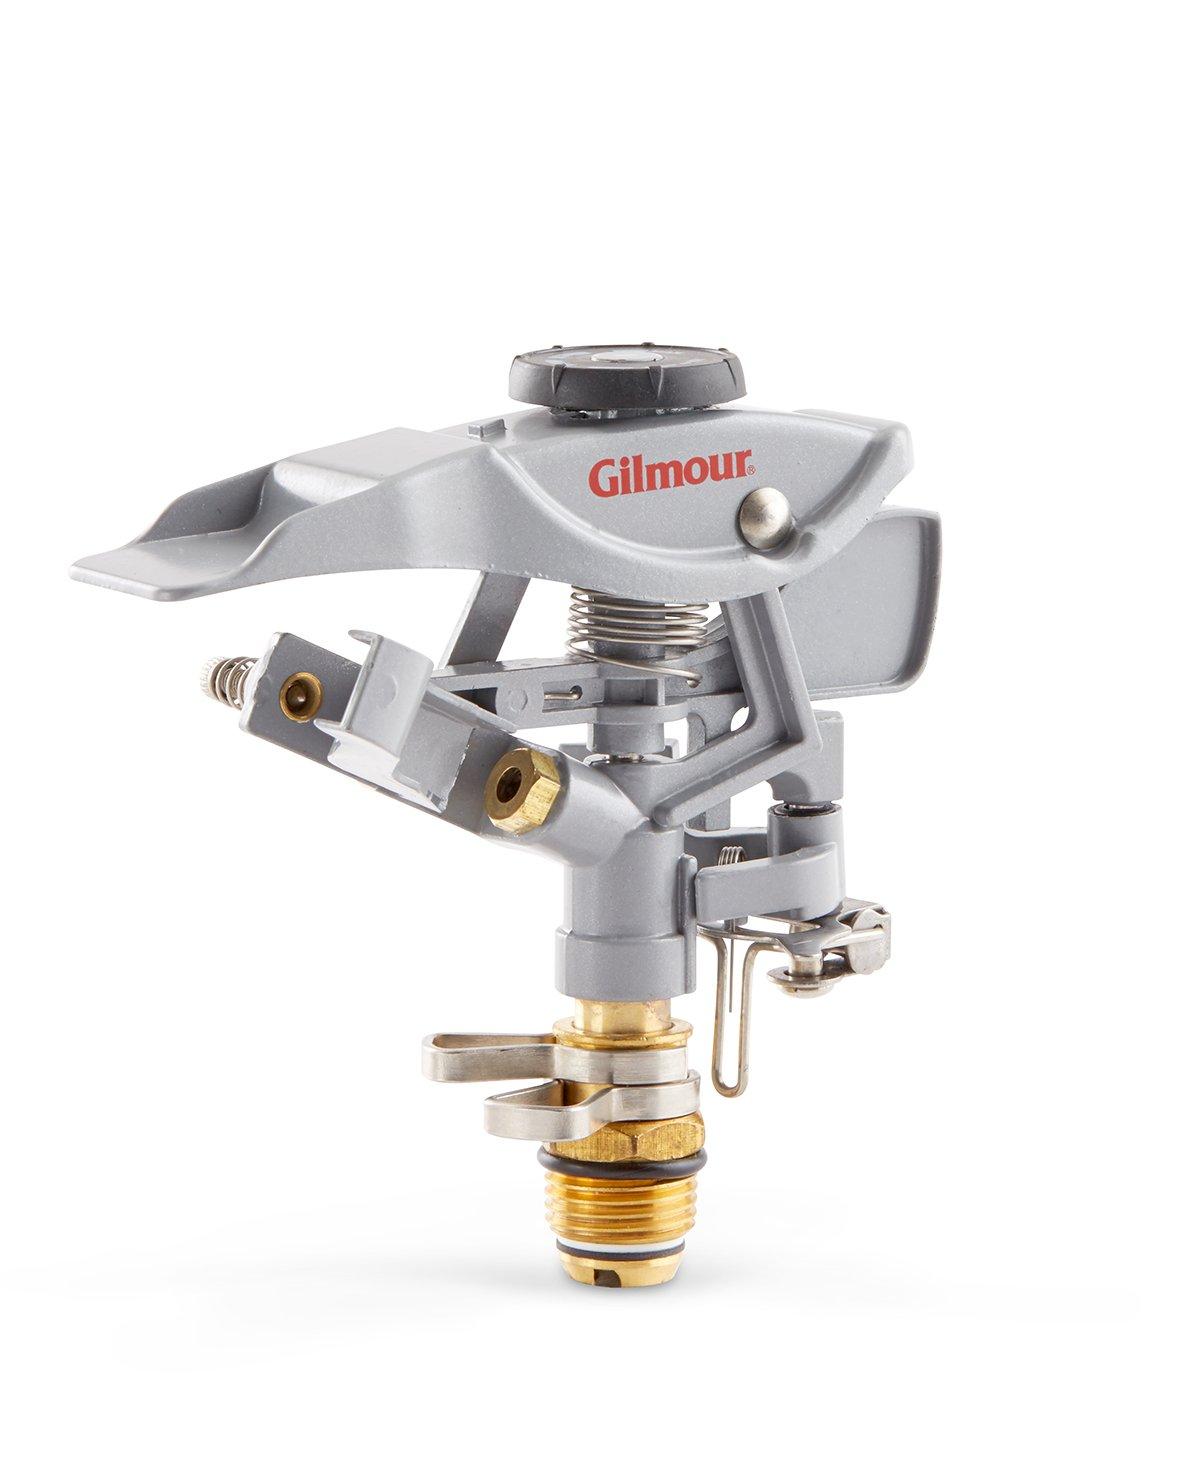 Gilmour 167H Pulsating Sprinkler Head